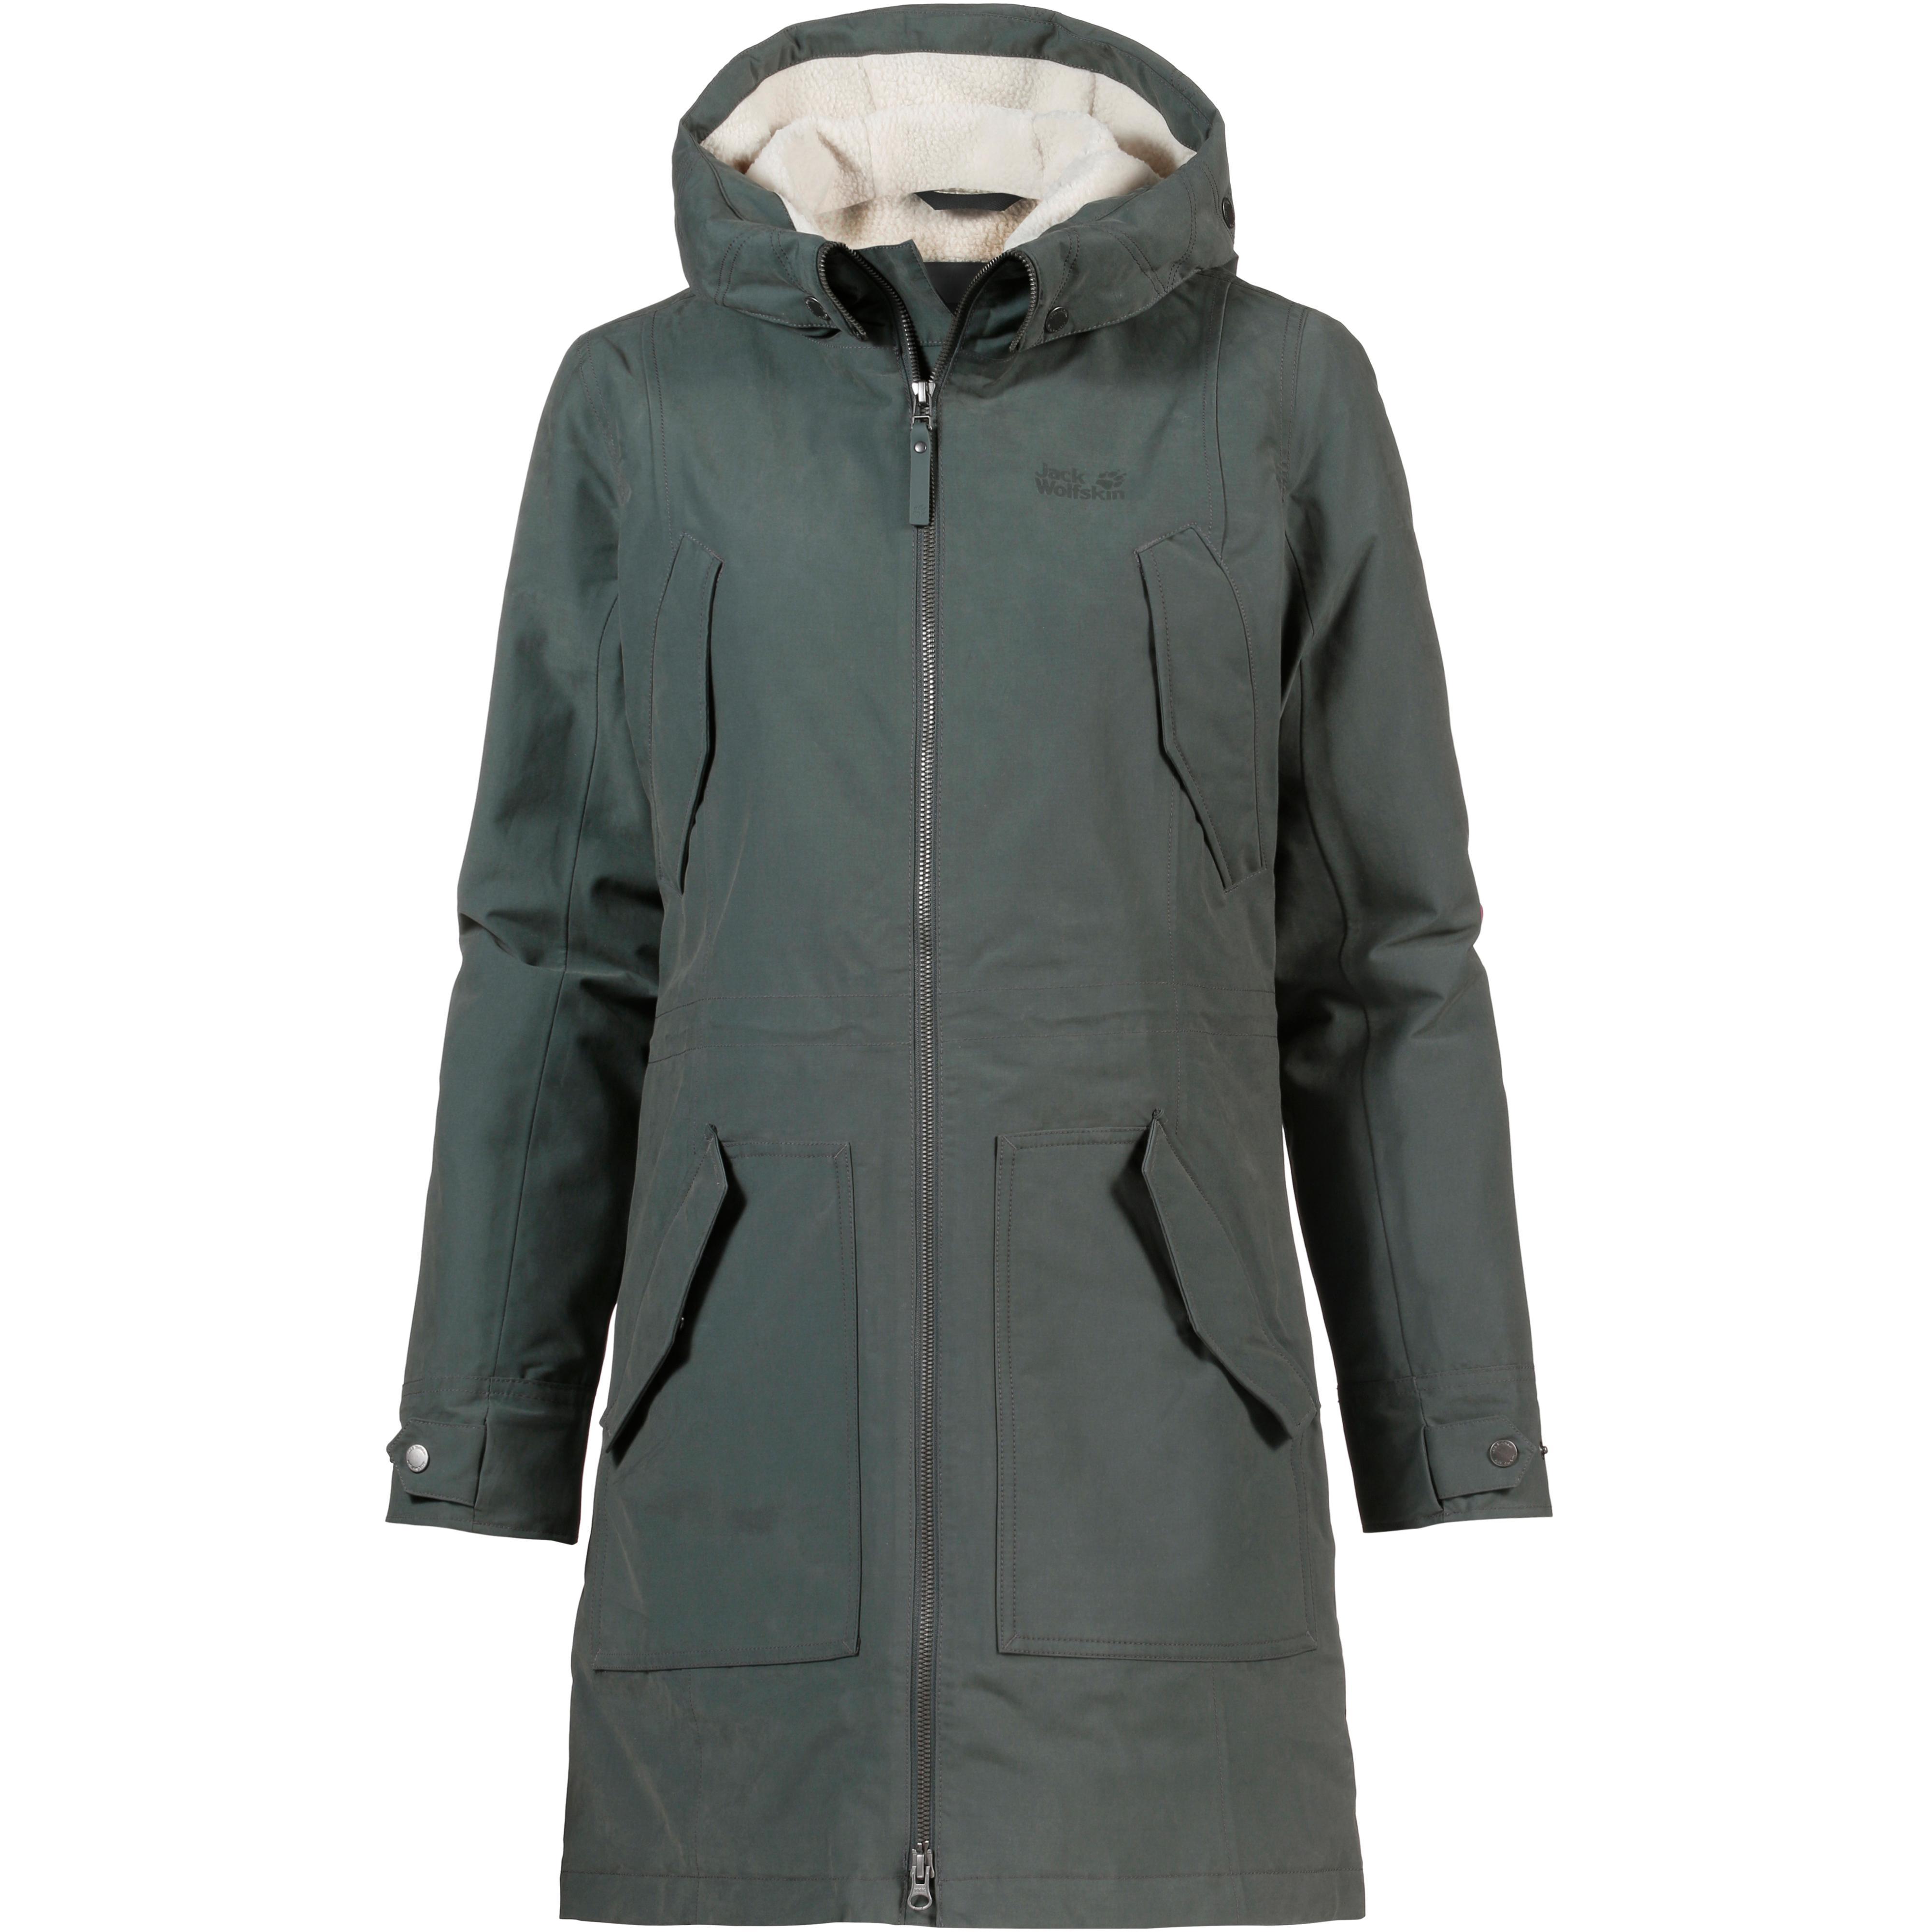 Jack Wolfskin Rocky Point Parka Damen greenish grey im Online Shop von SportScheck kaufen